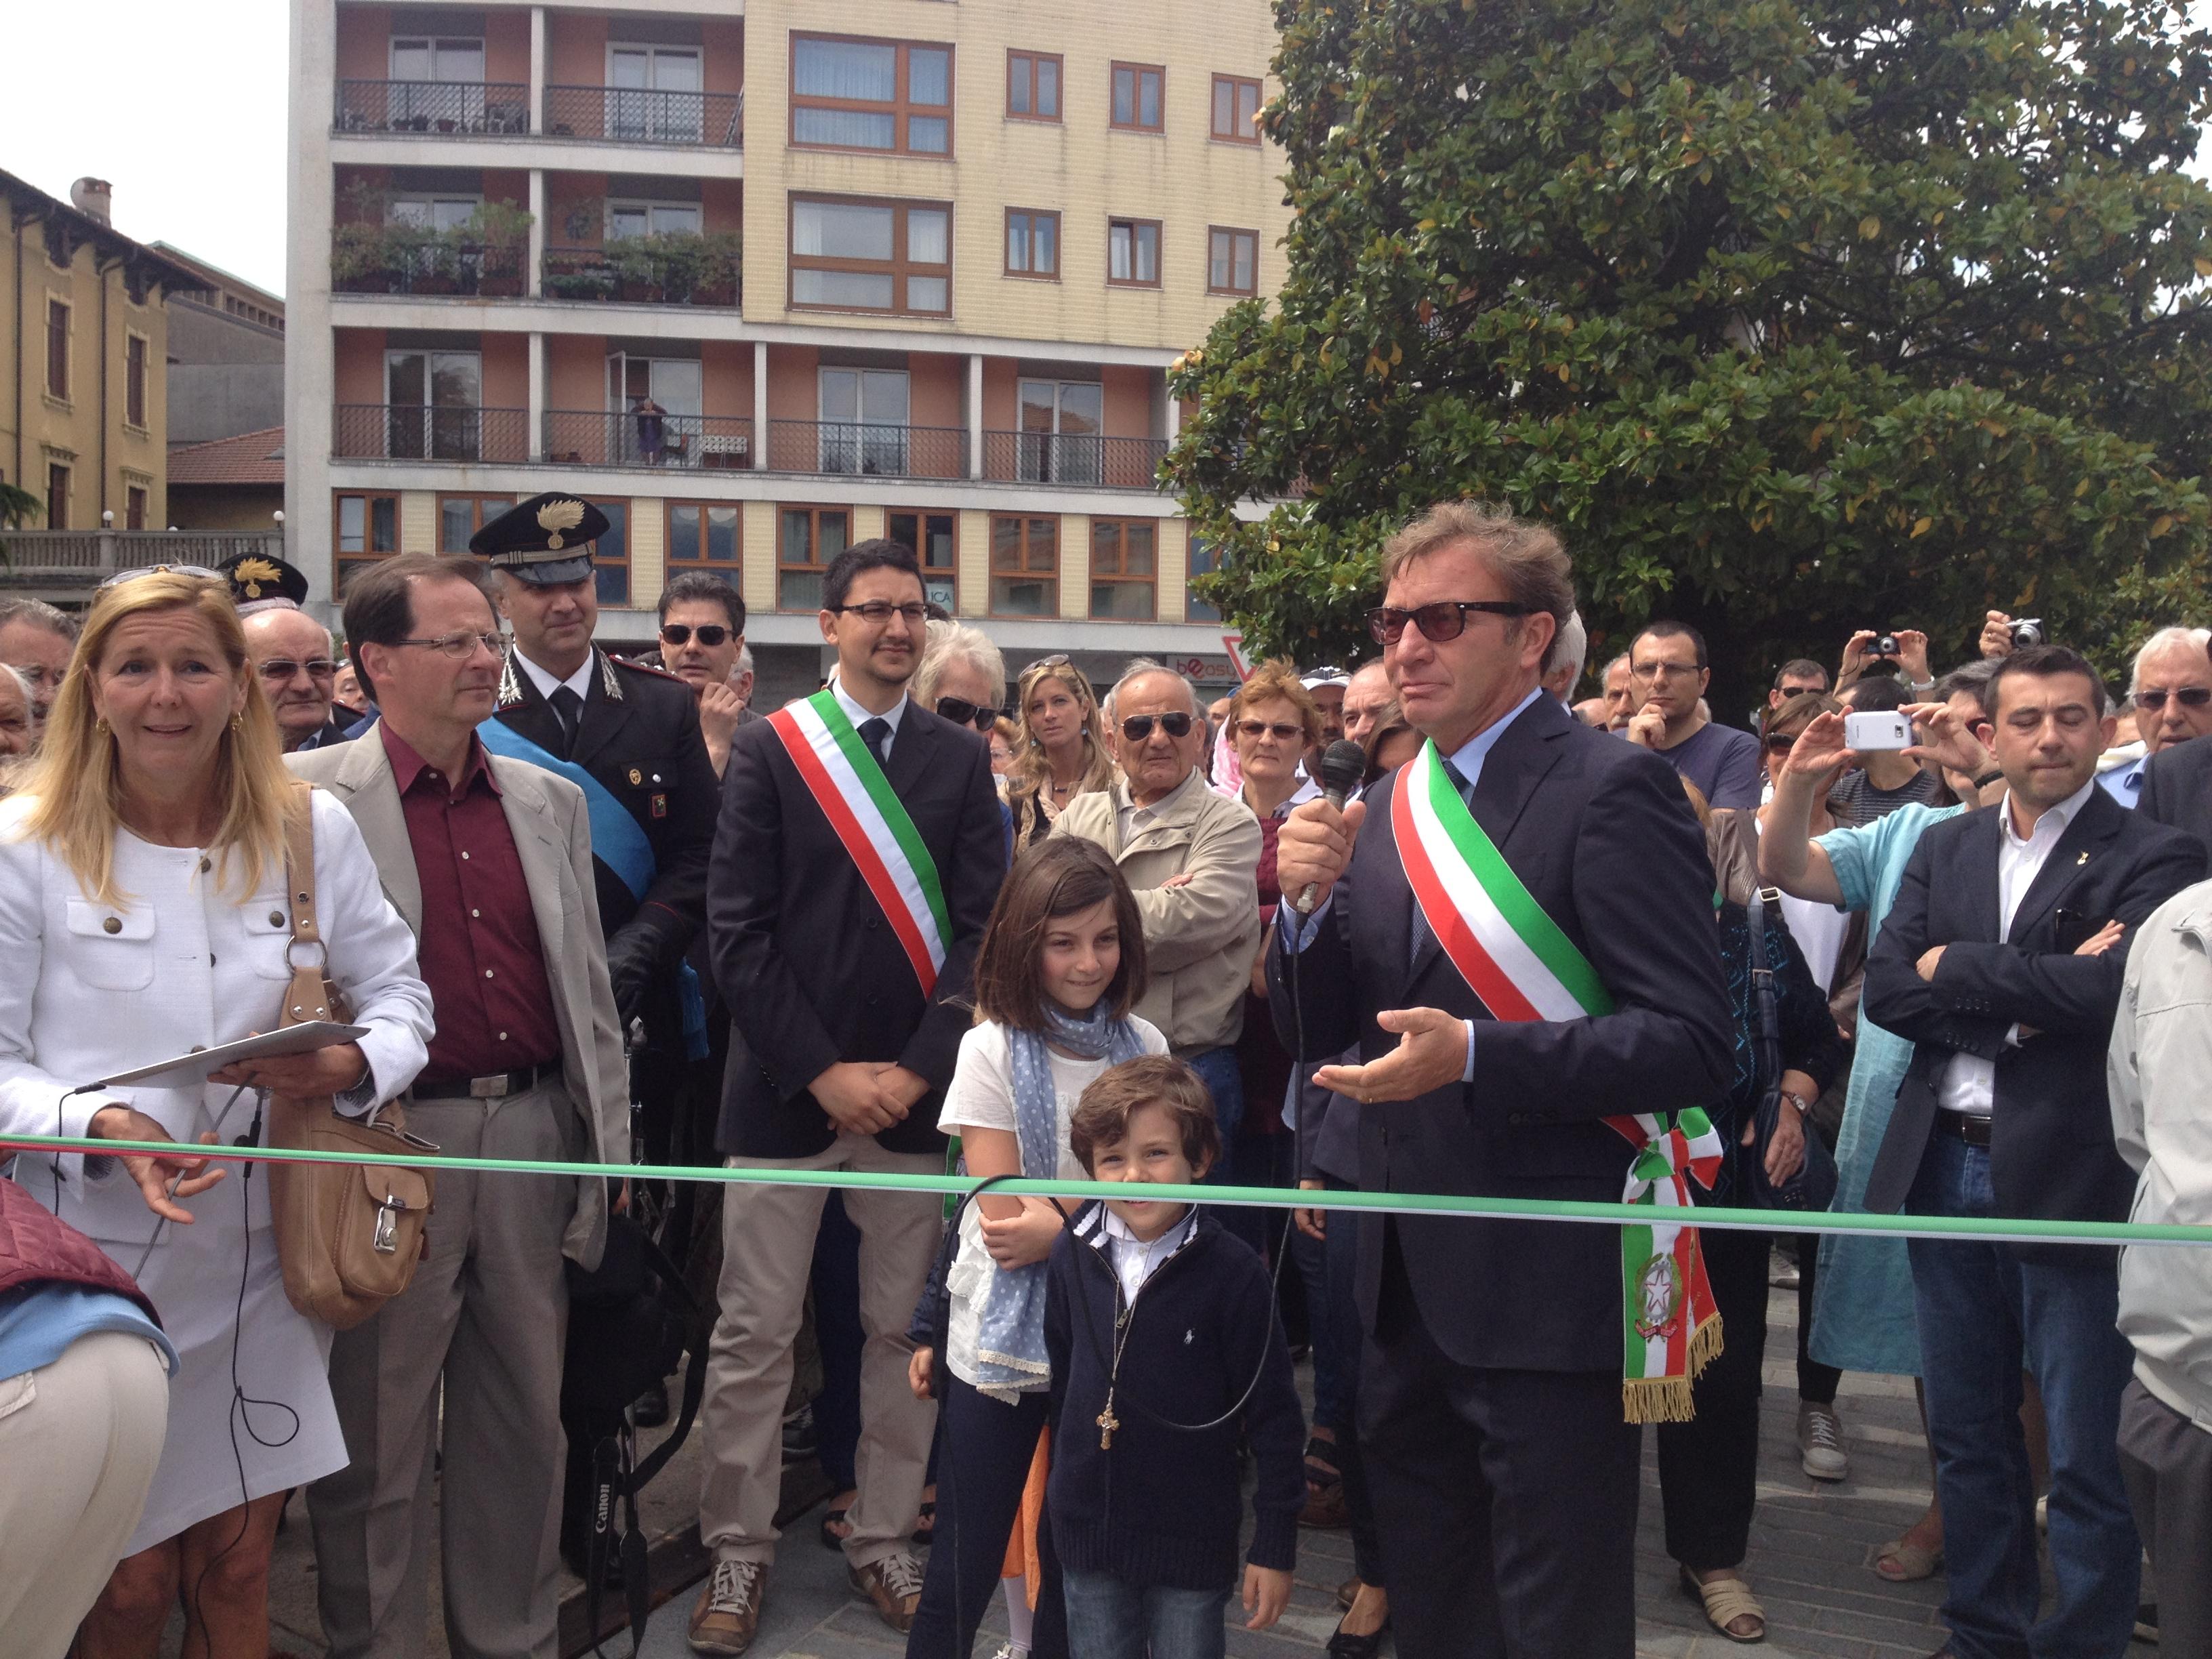 L'arrivo e l'intervento del sindaco di Luino, Andrea Pellicini. E' accompagnato dal neo-sindaco di Germignaga, Marco Fazio